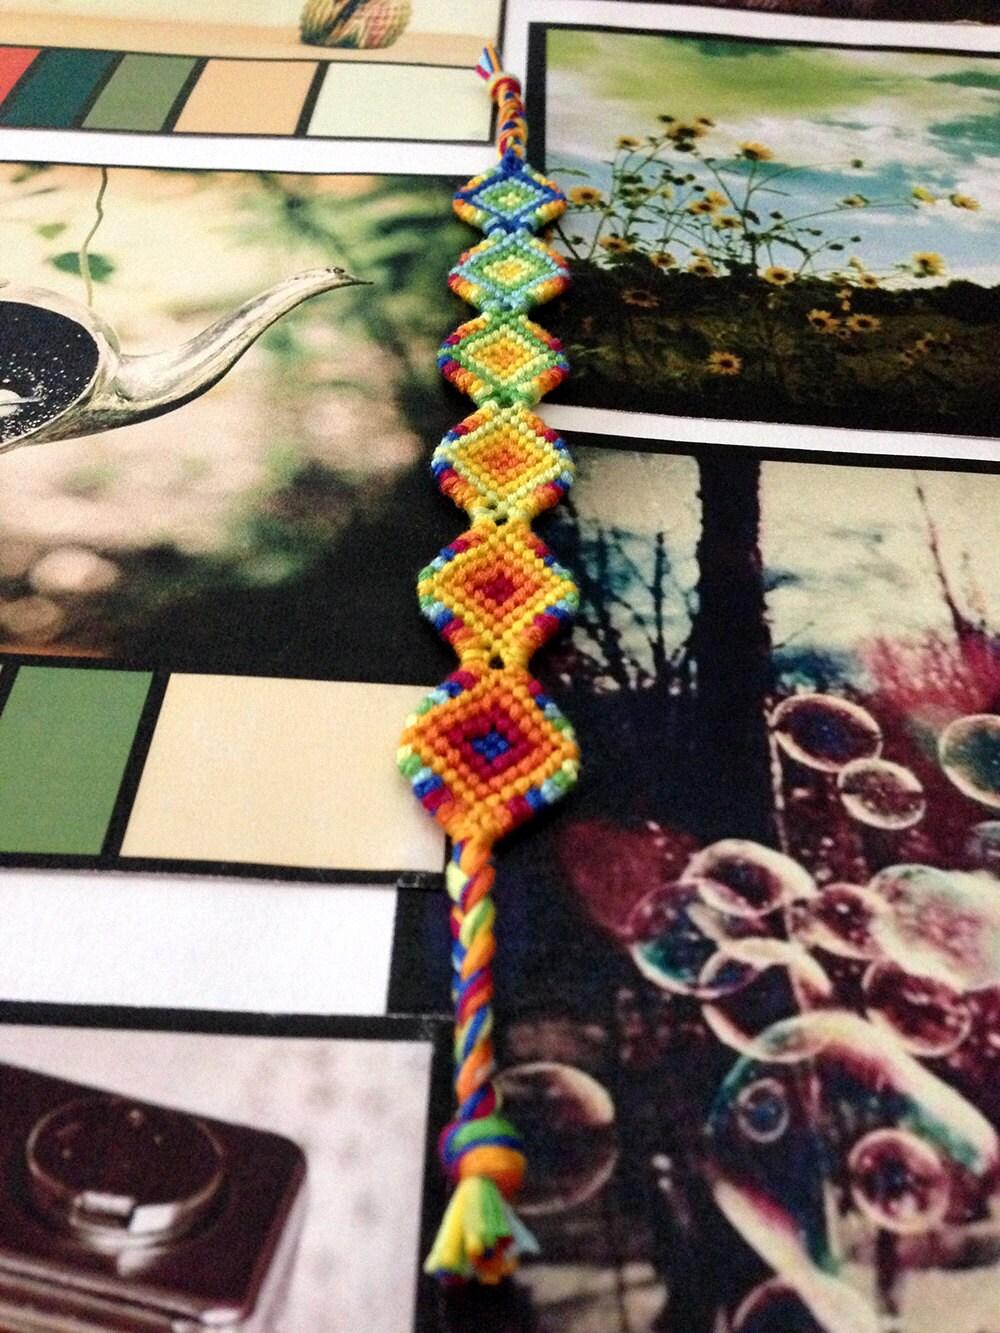 sale 40 off diamond shaped friendship bracelet. Black Bedroom Furniture Sets. Home Design Ideas